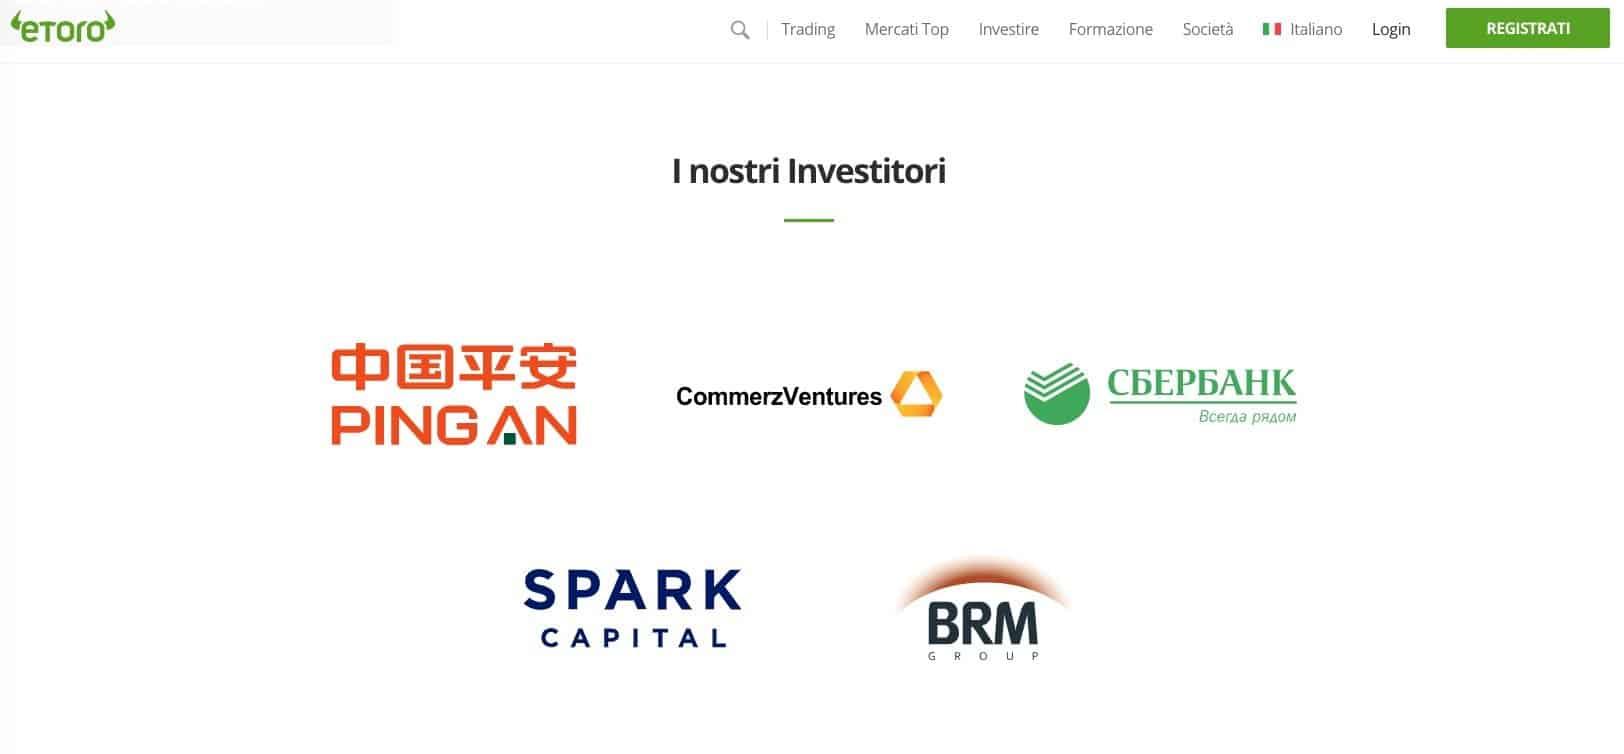 eToro Investitori